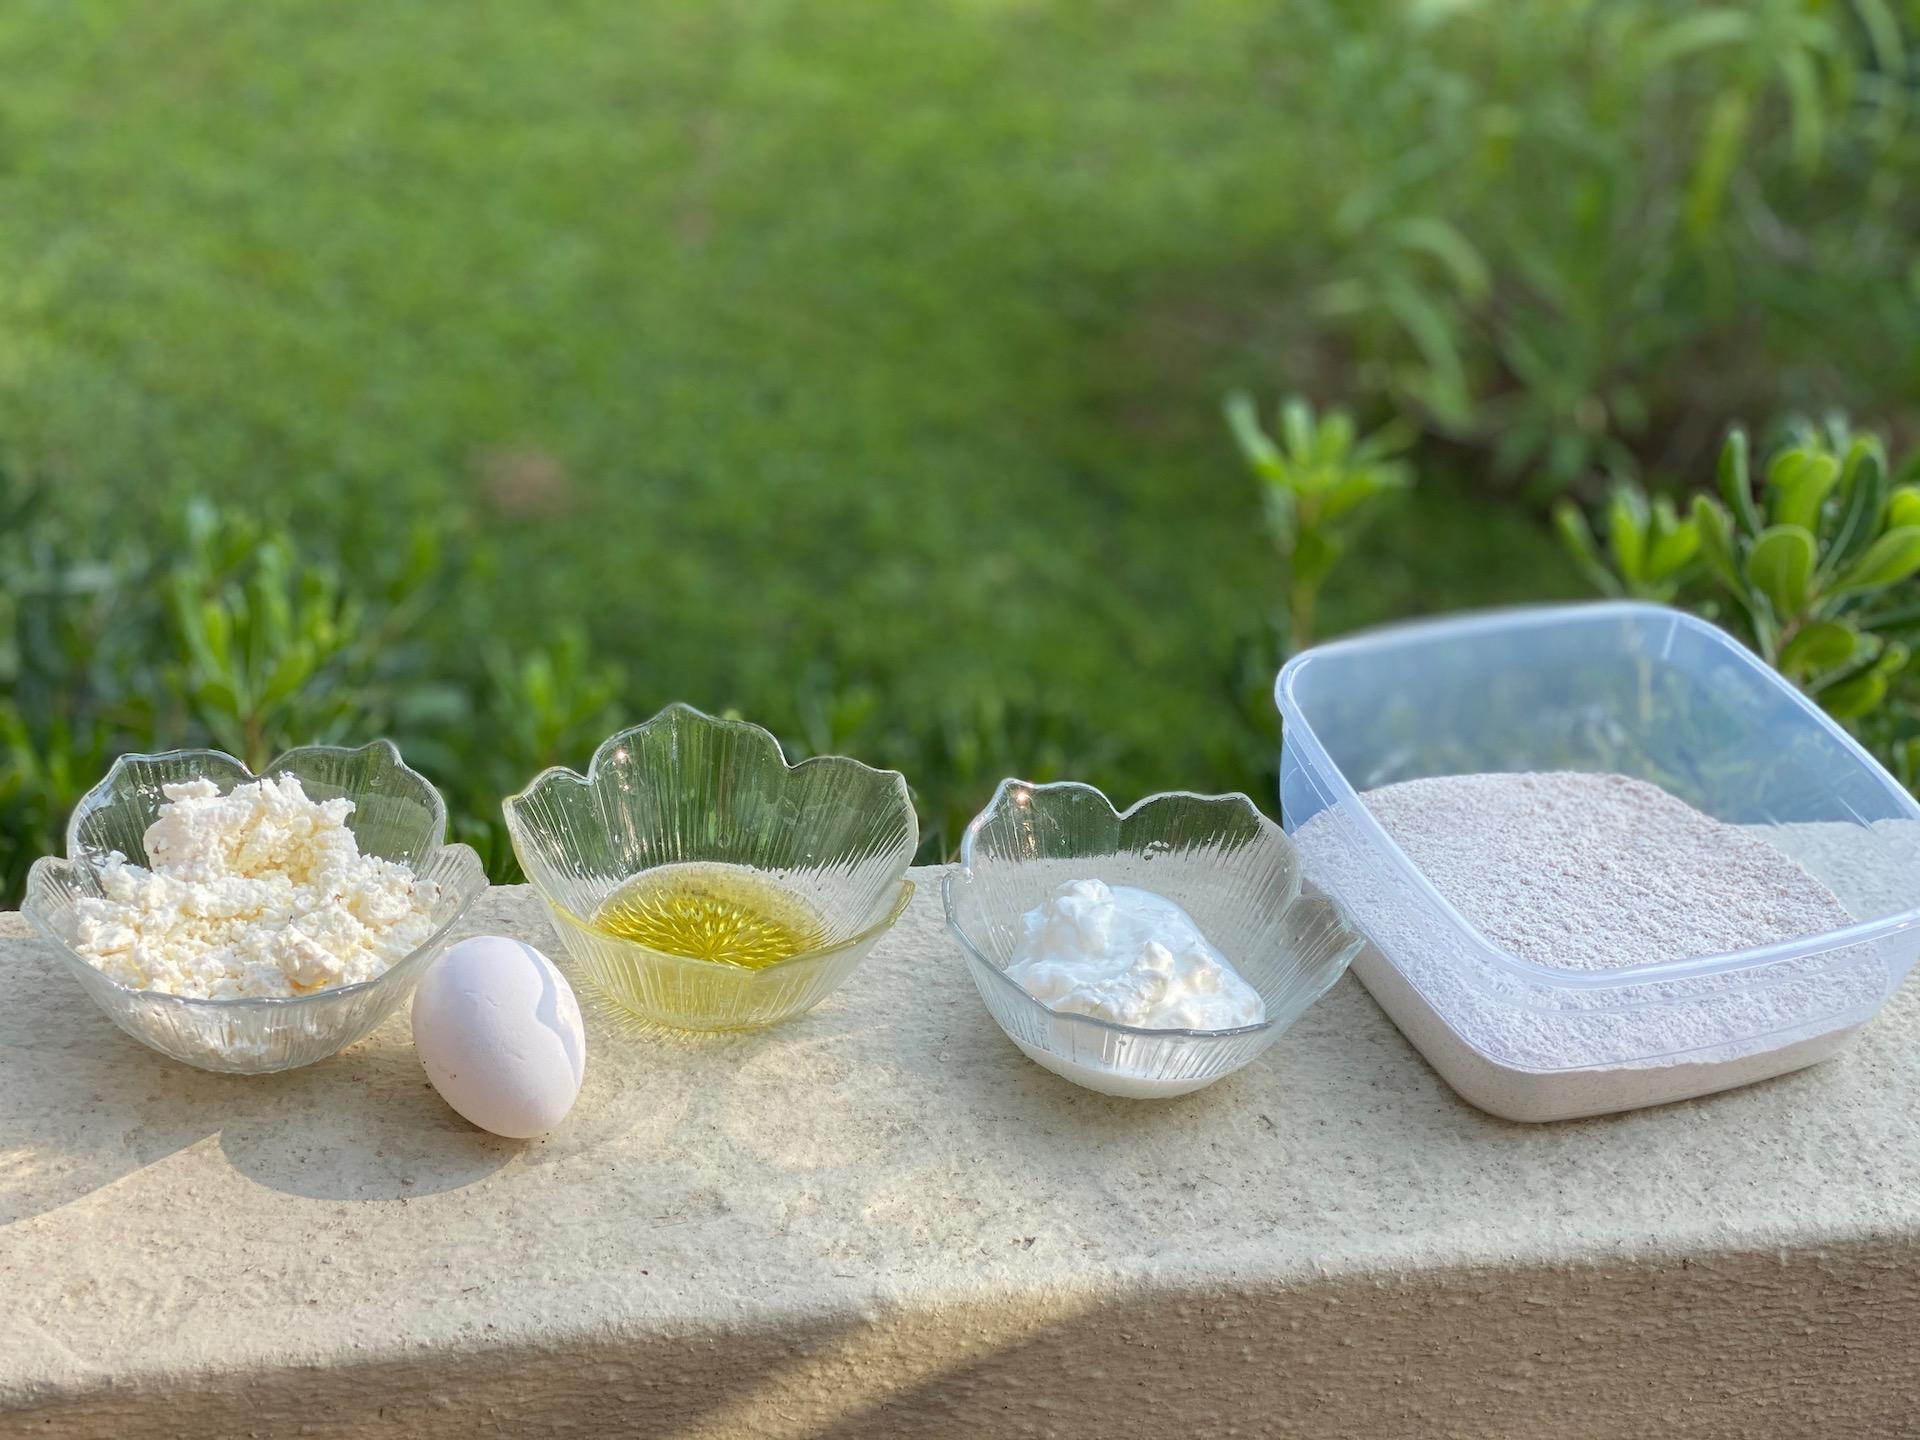 αυγο, λάδι, αλάτι, τυρί, γιαούρτι σε μπωλ